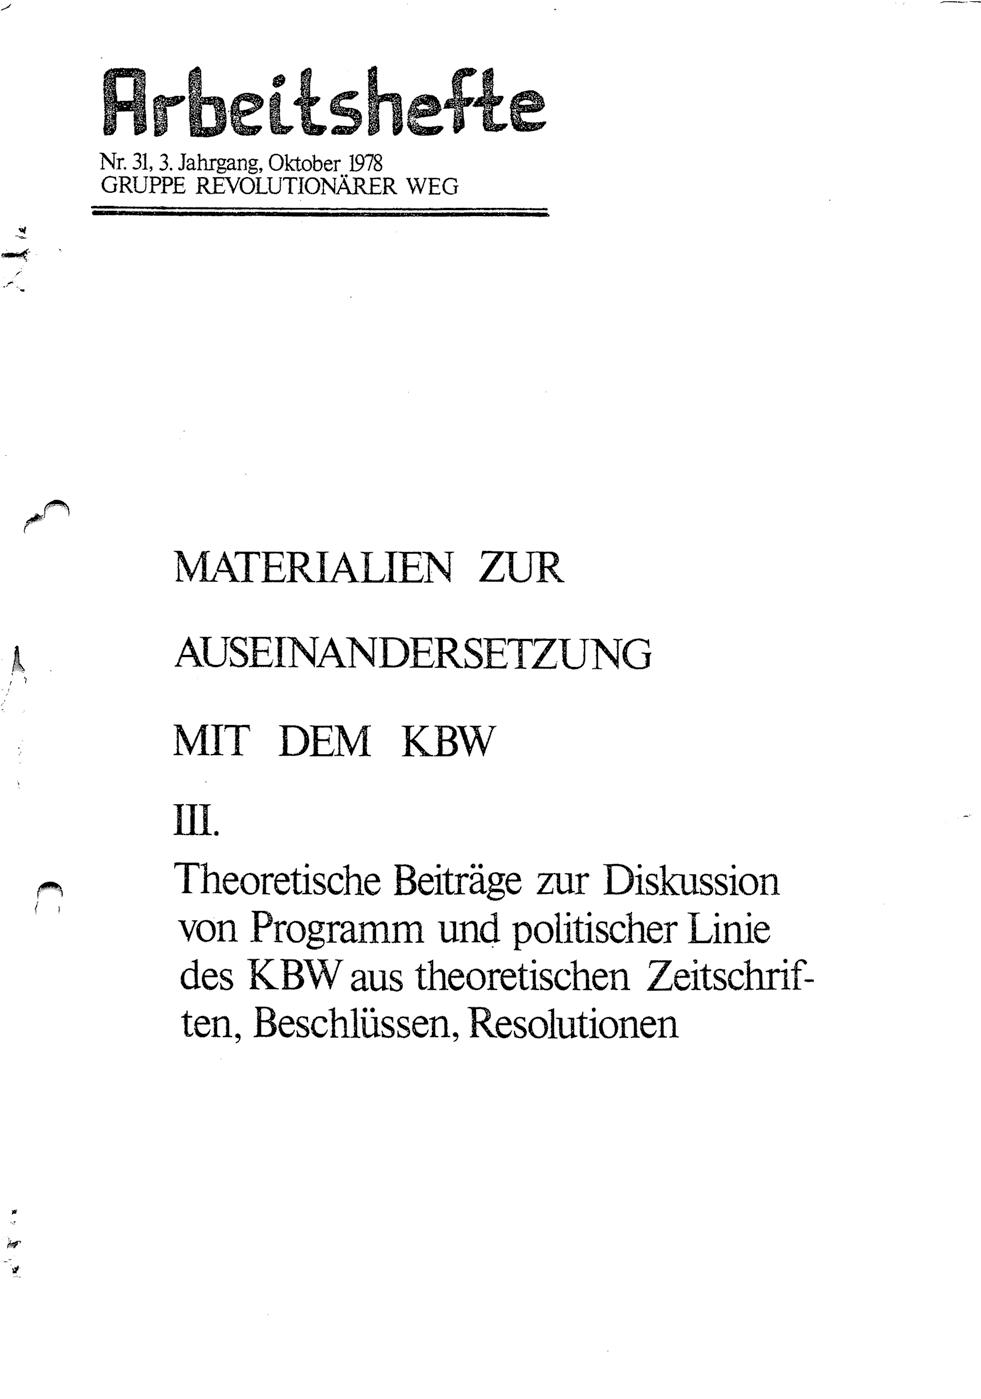 KABRW_Arbeitshefte_1978_31_001